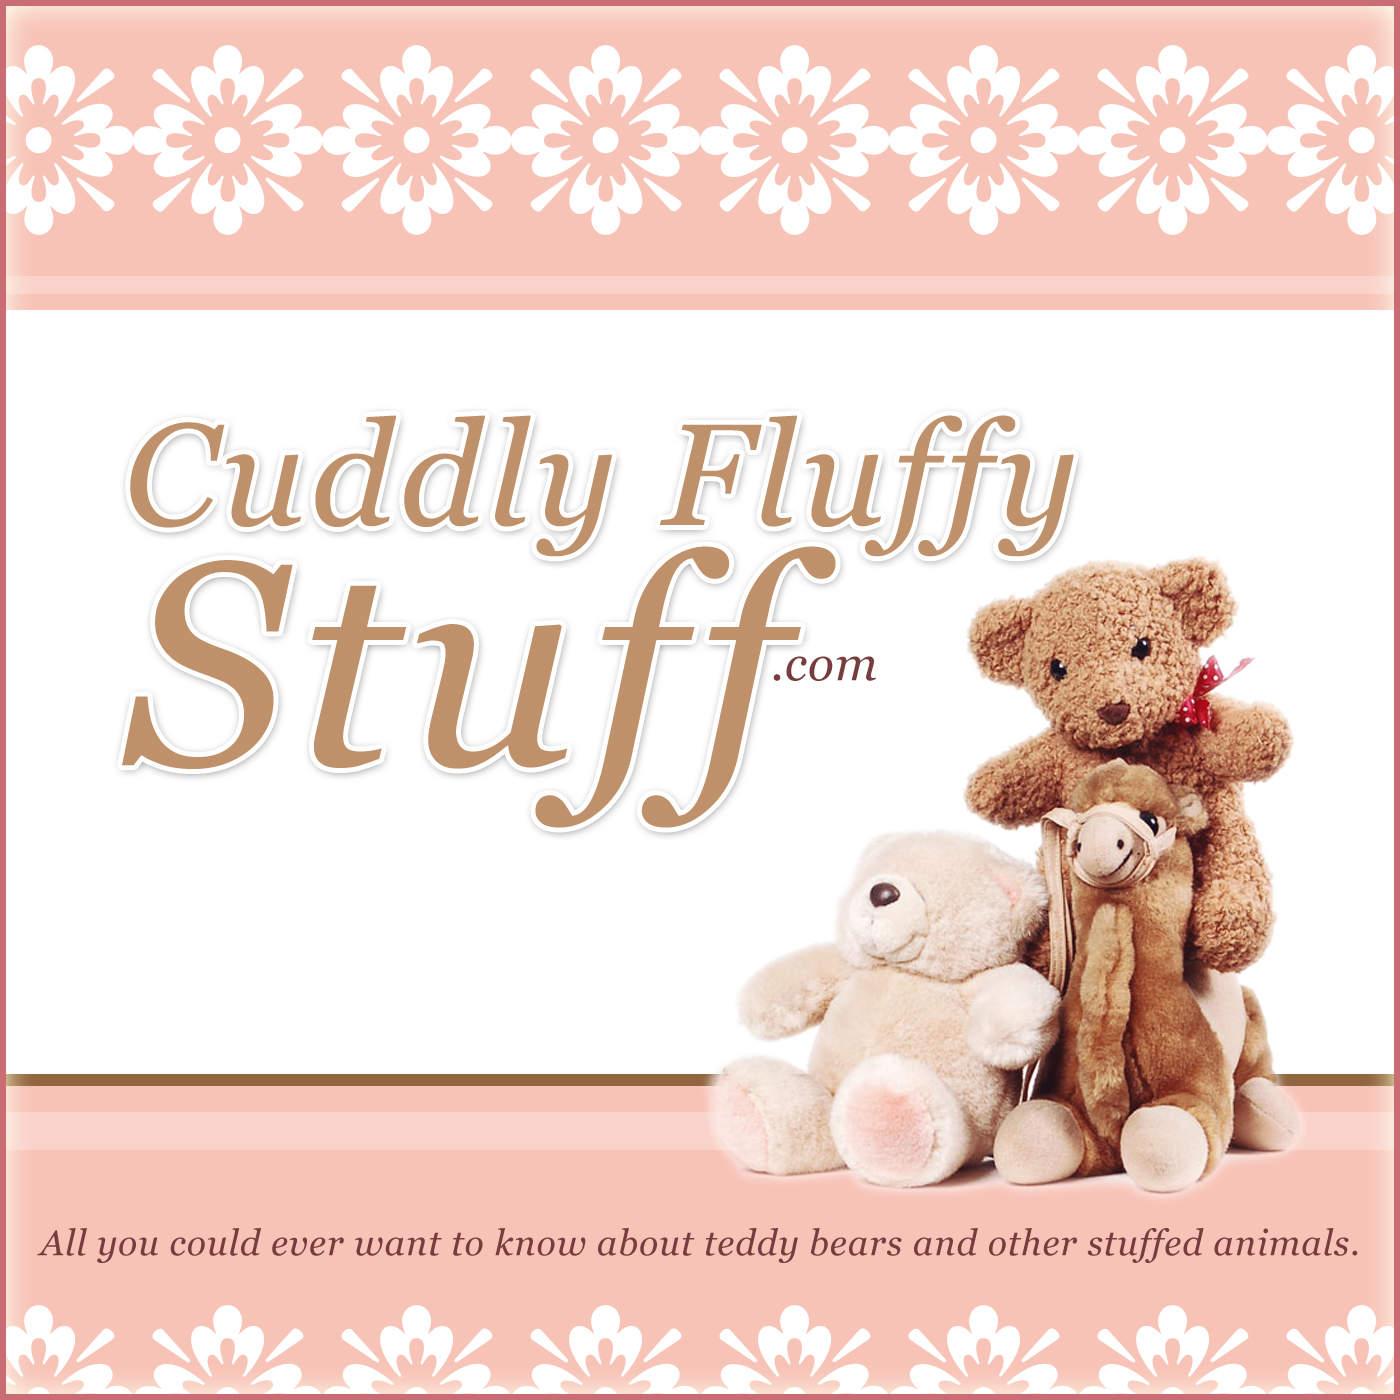 CuddlyFluffyStuff